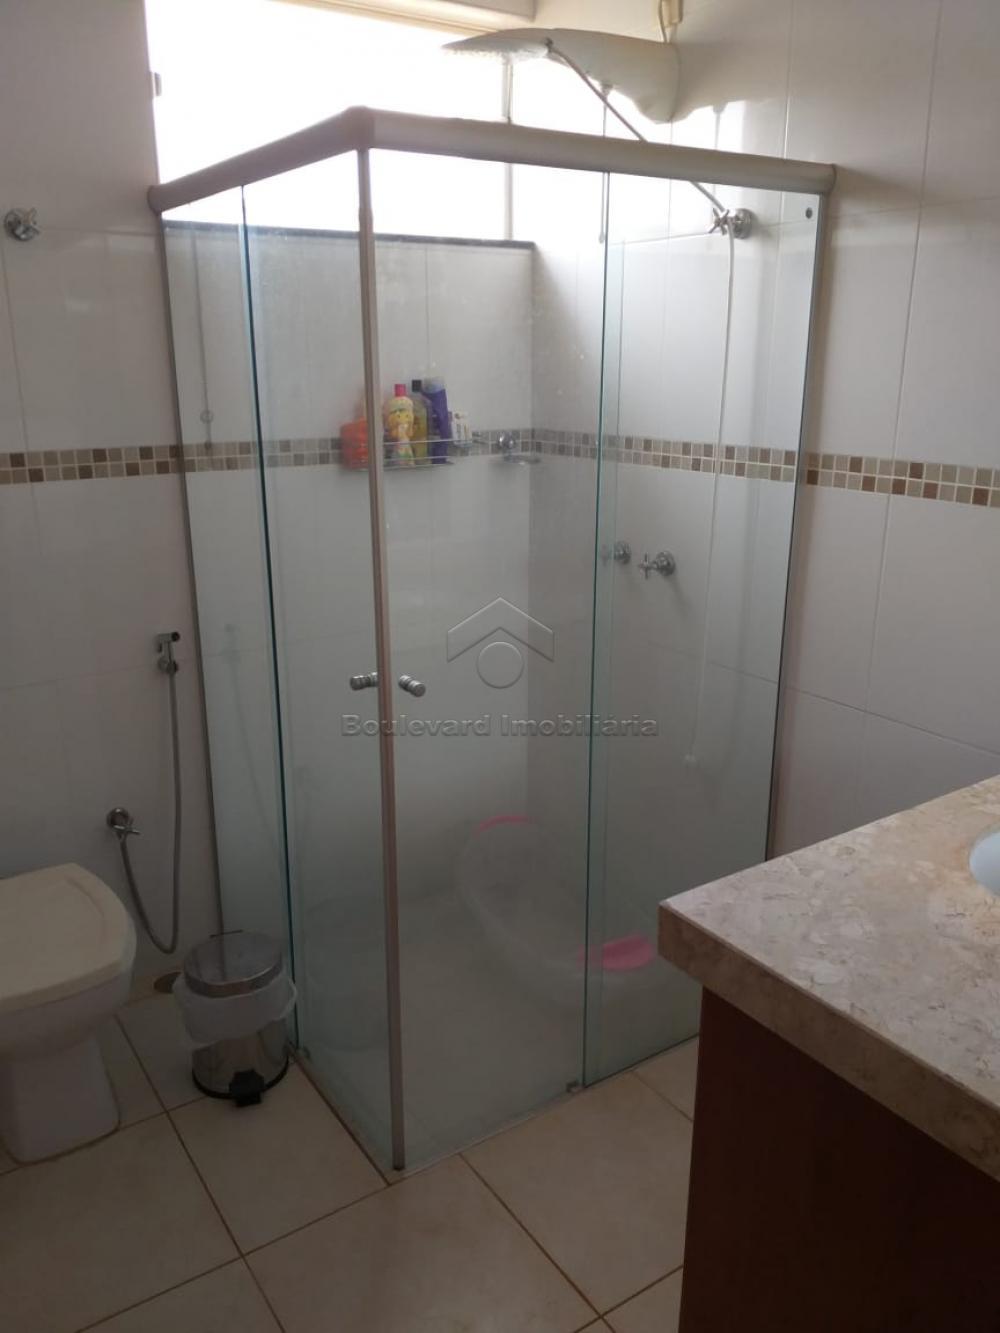 Comprar Casa / Padrão em Ribeirão Preto apenas R$ 1.200.000,00 - Foto 29